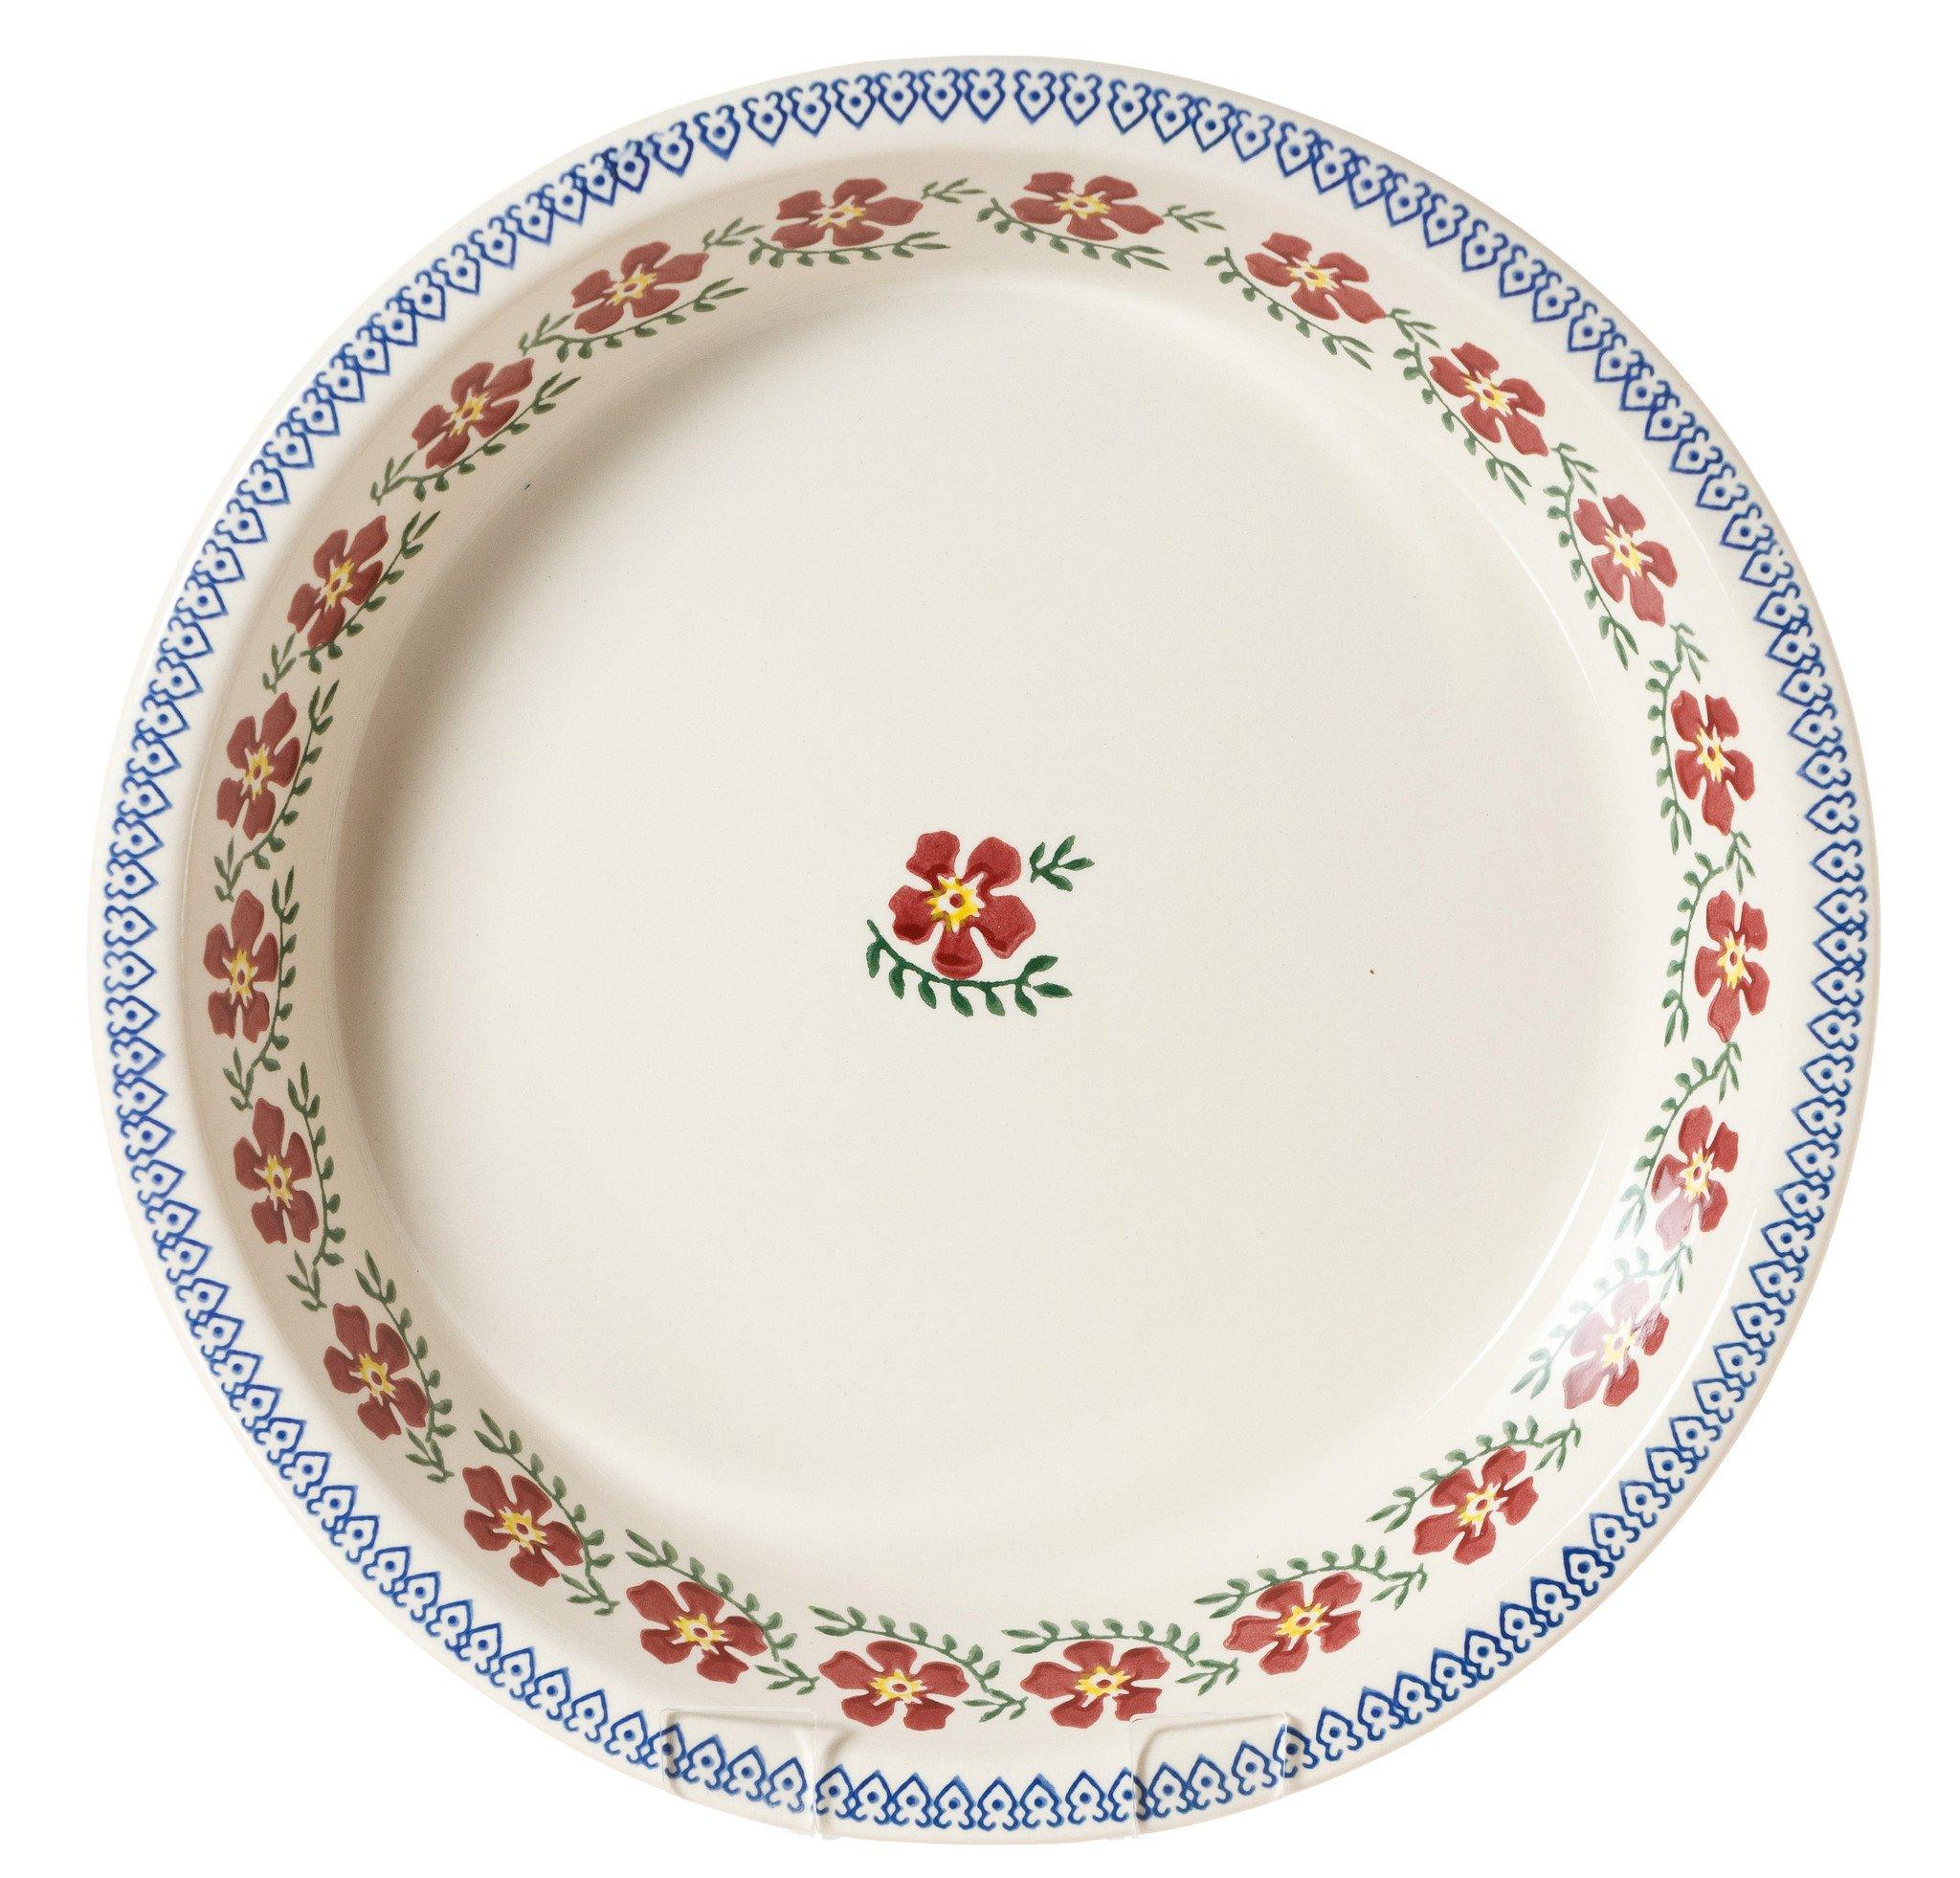 Nicholas Mosse Classic Pie Dish Old Rose